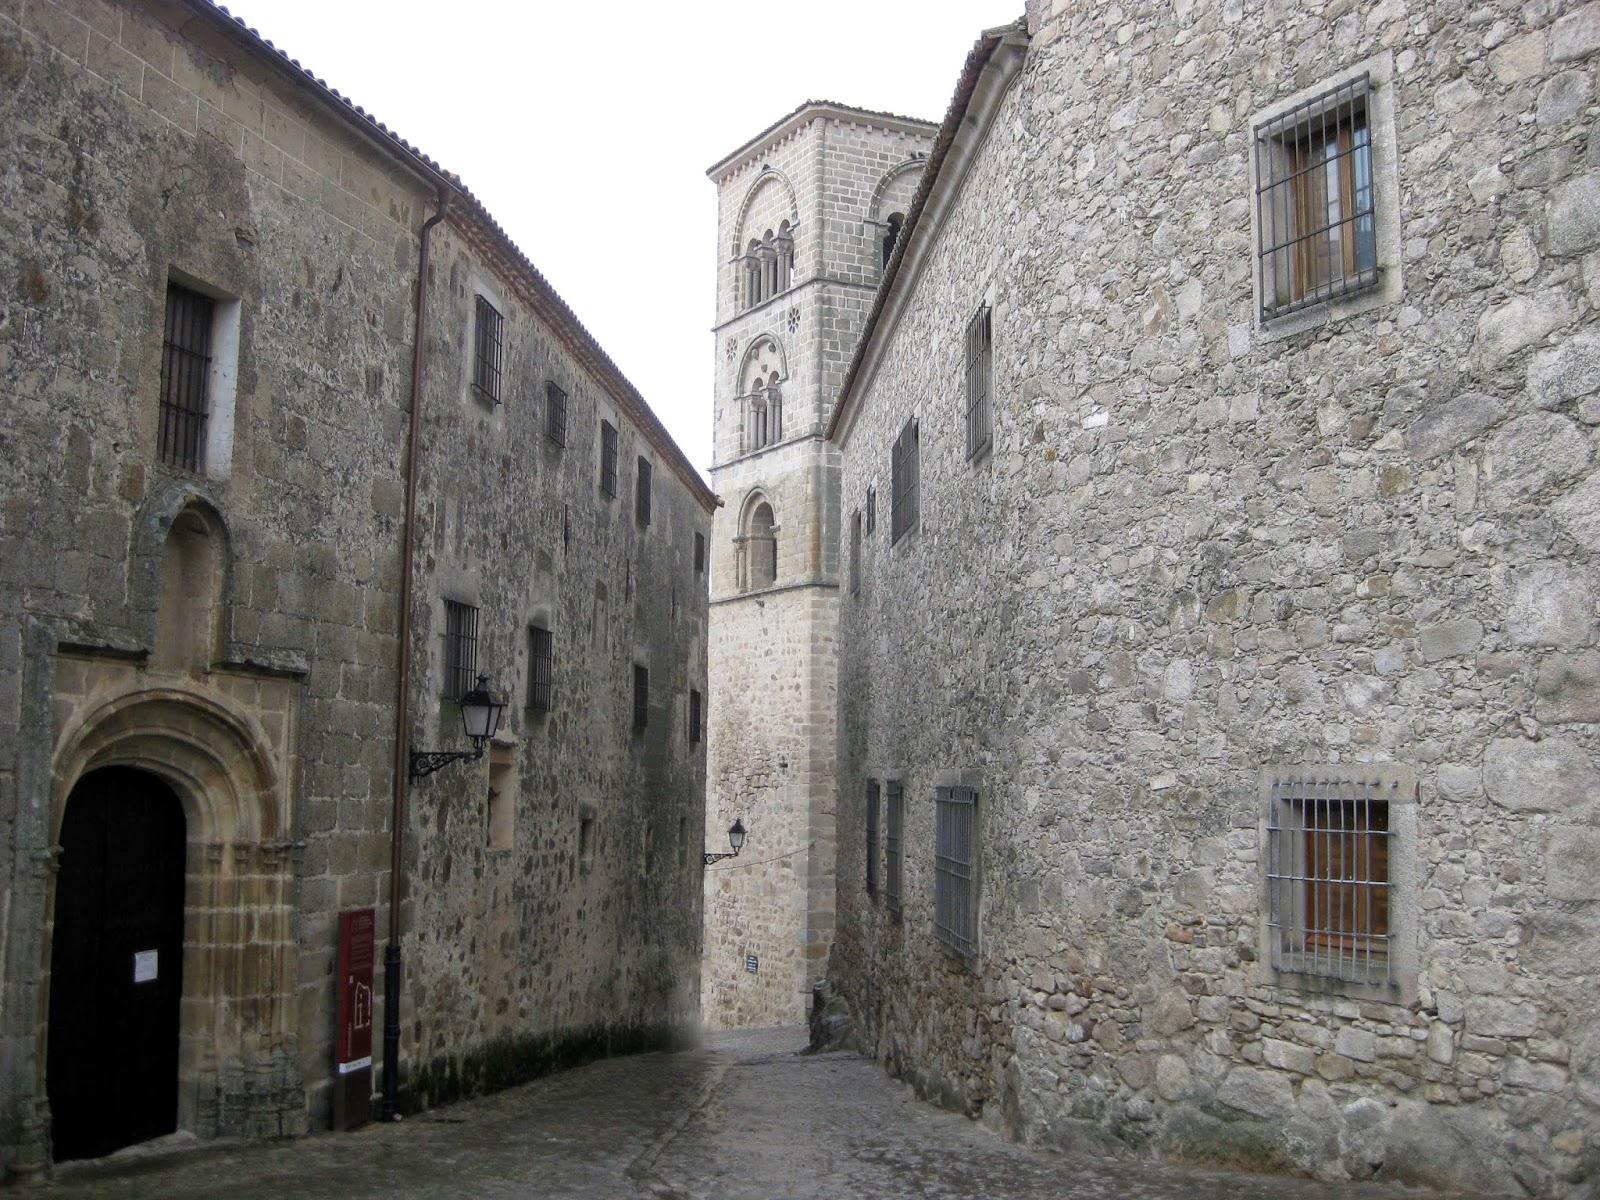 La Ruta de Isabel. Calles medievales de Trujillo